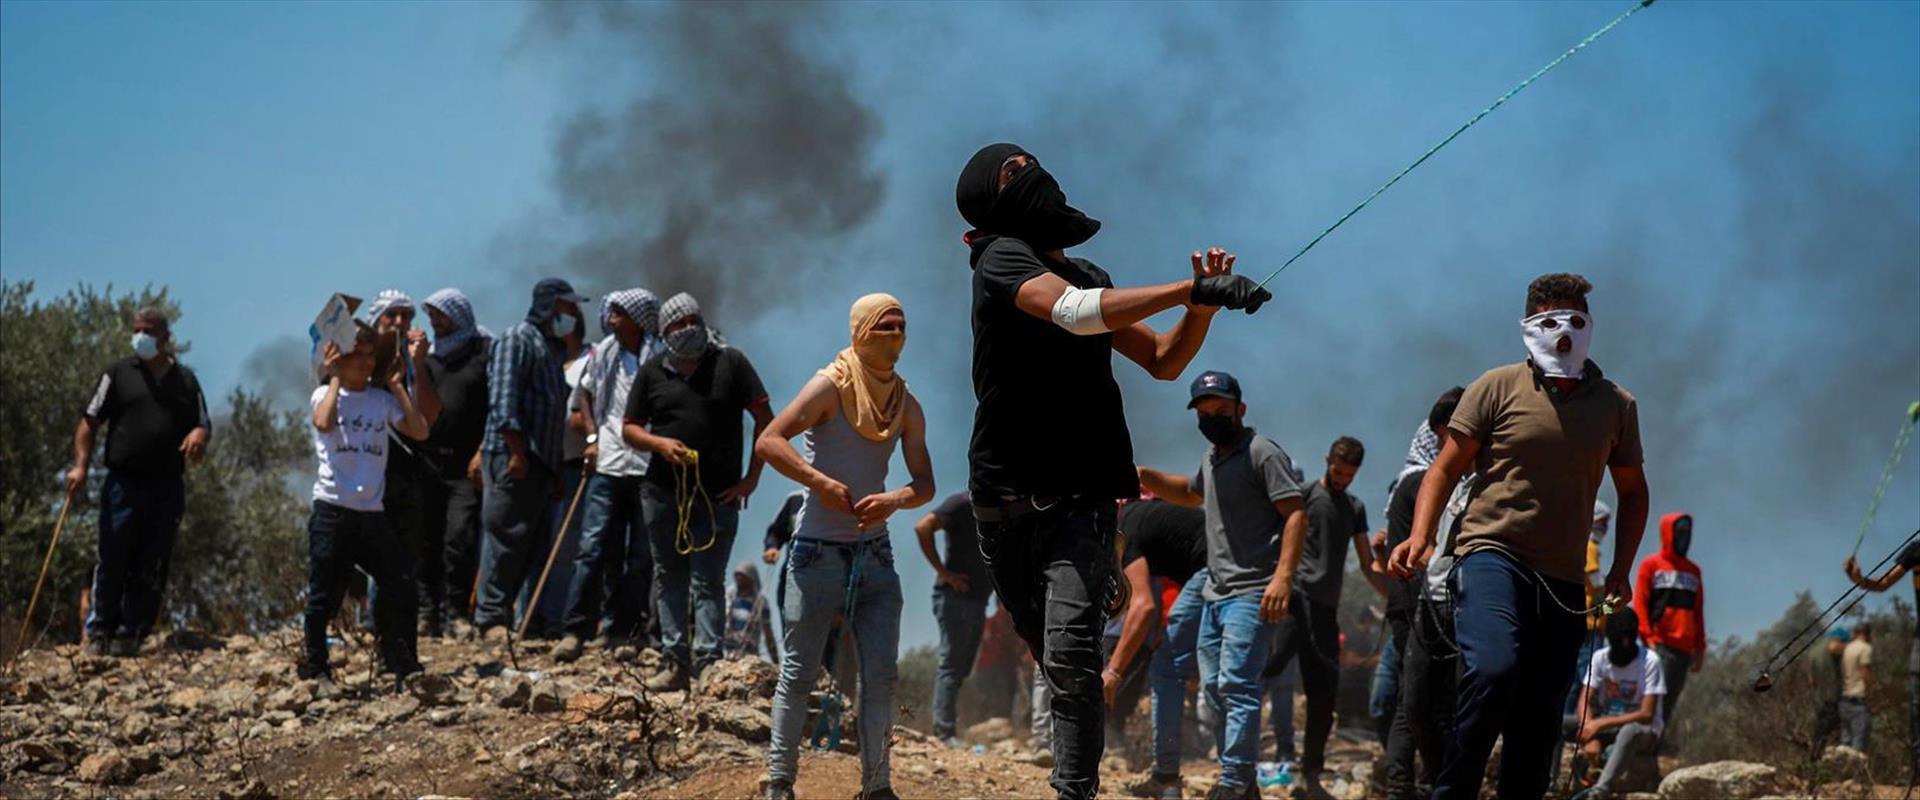 הפגנה באביתר, בחודש שעבר